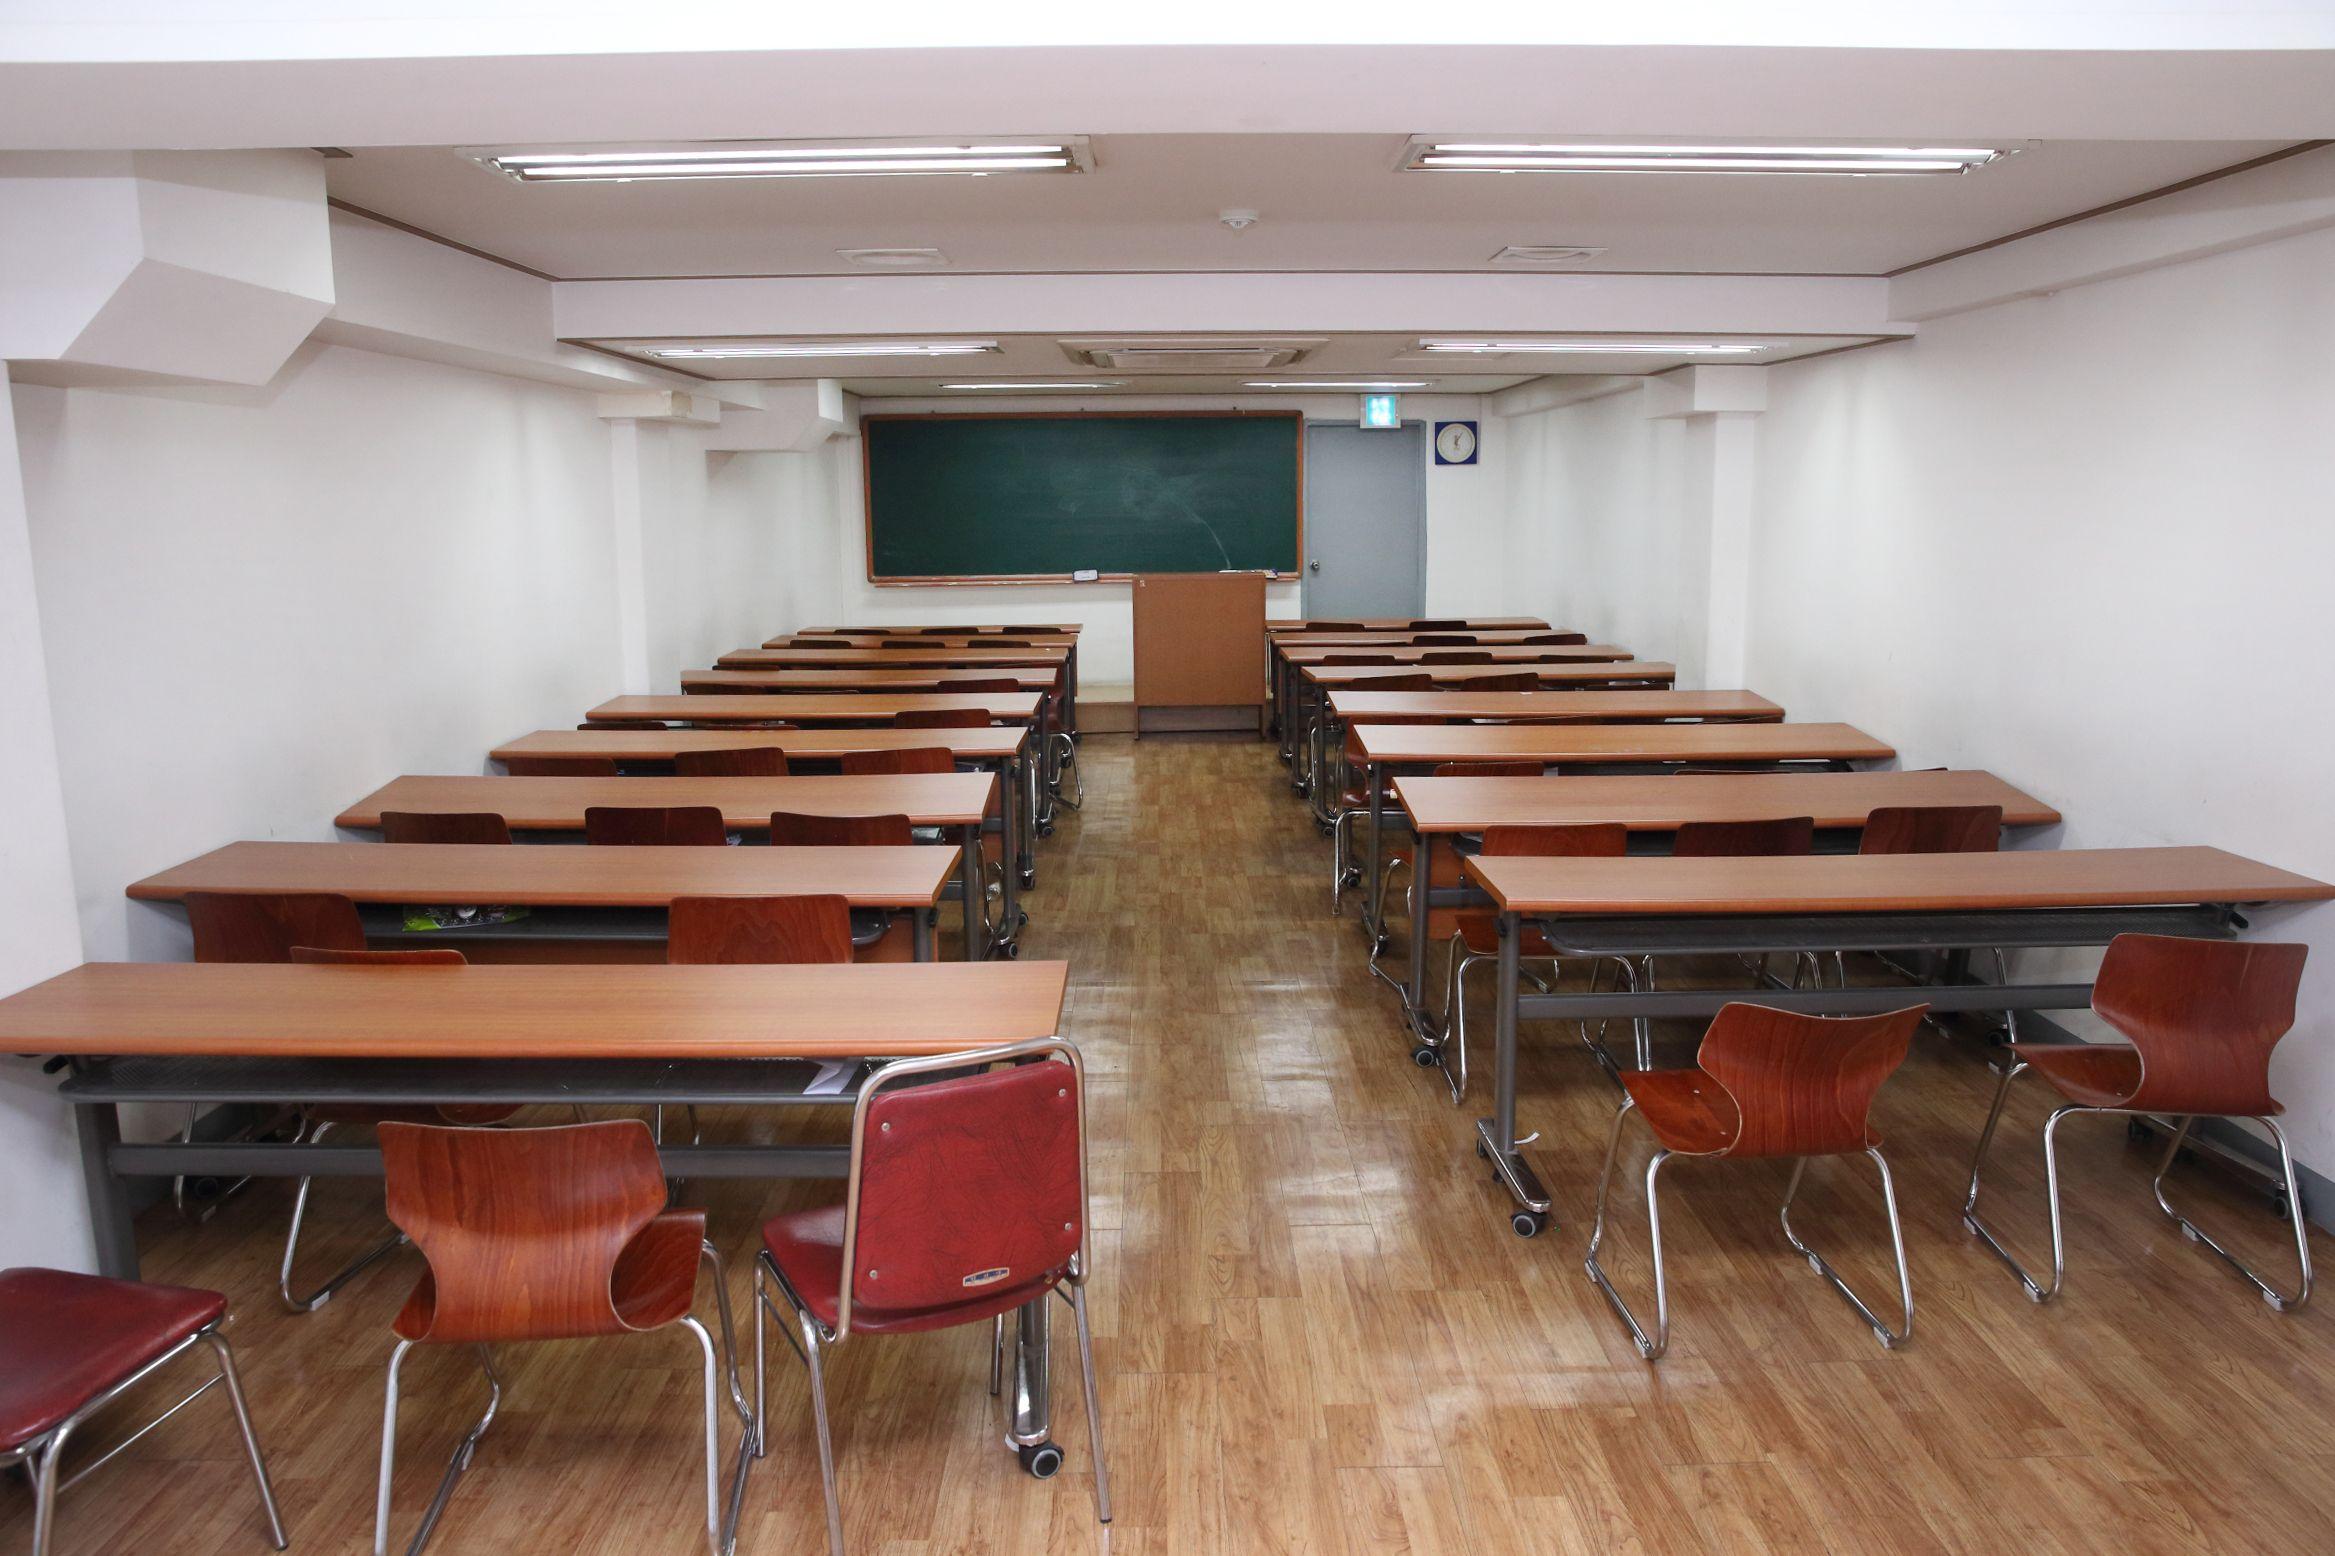 제빵왕 김탁구의 촬영지로 유명한 국내 유일의 제과제빵학교인 한국제과학교